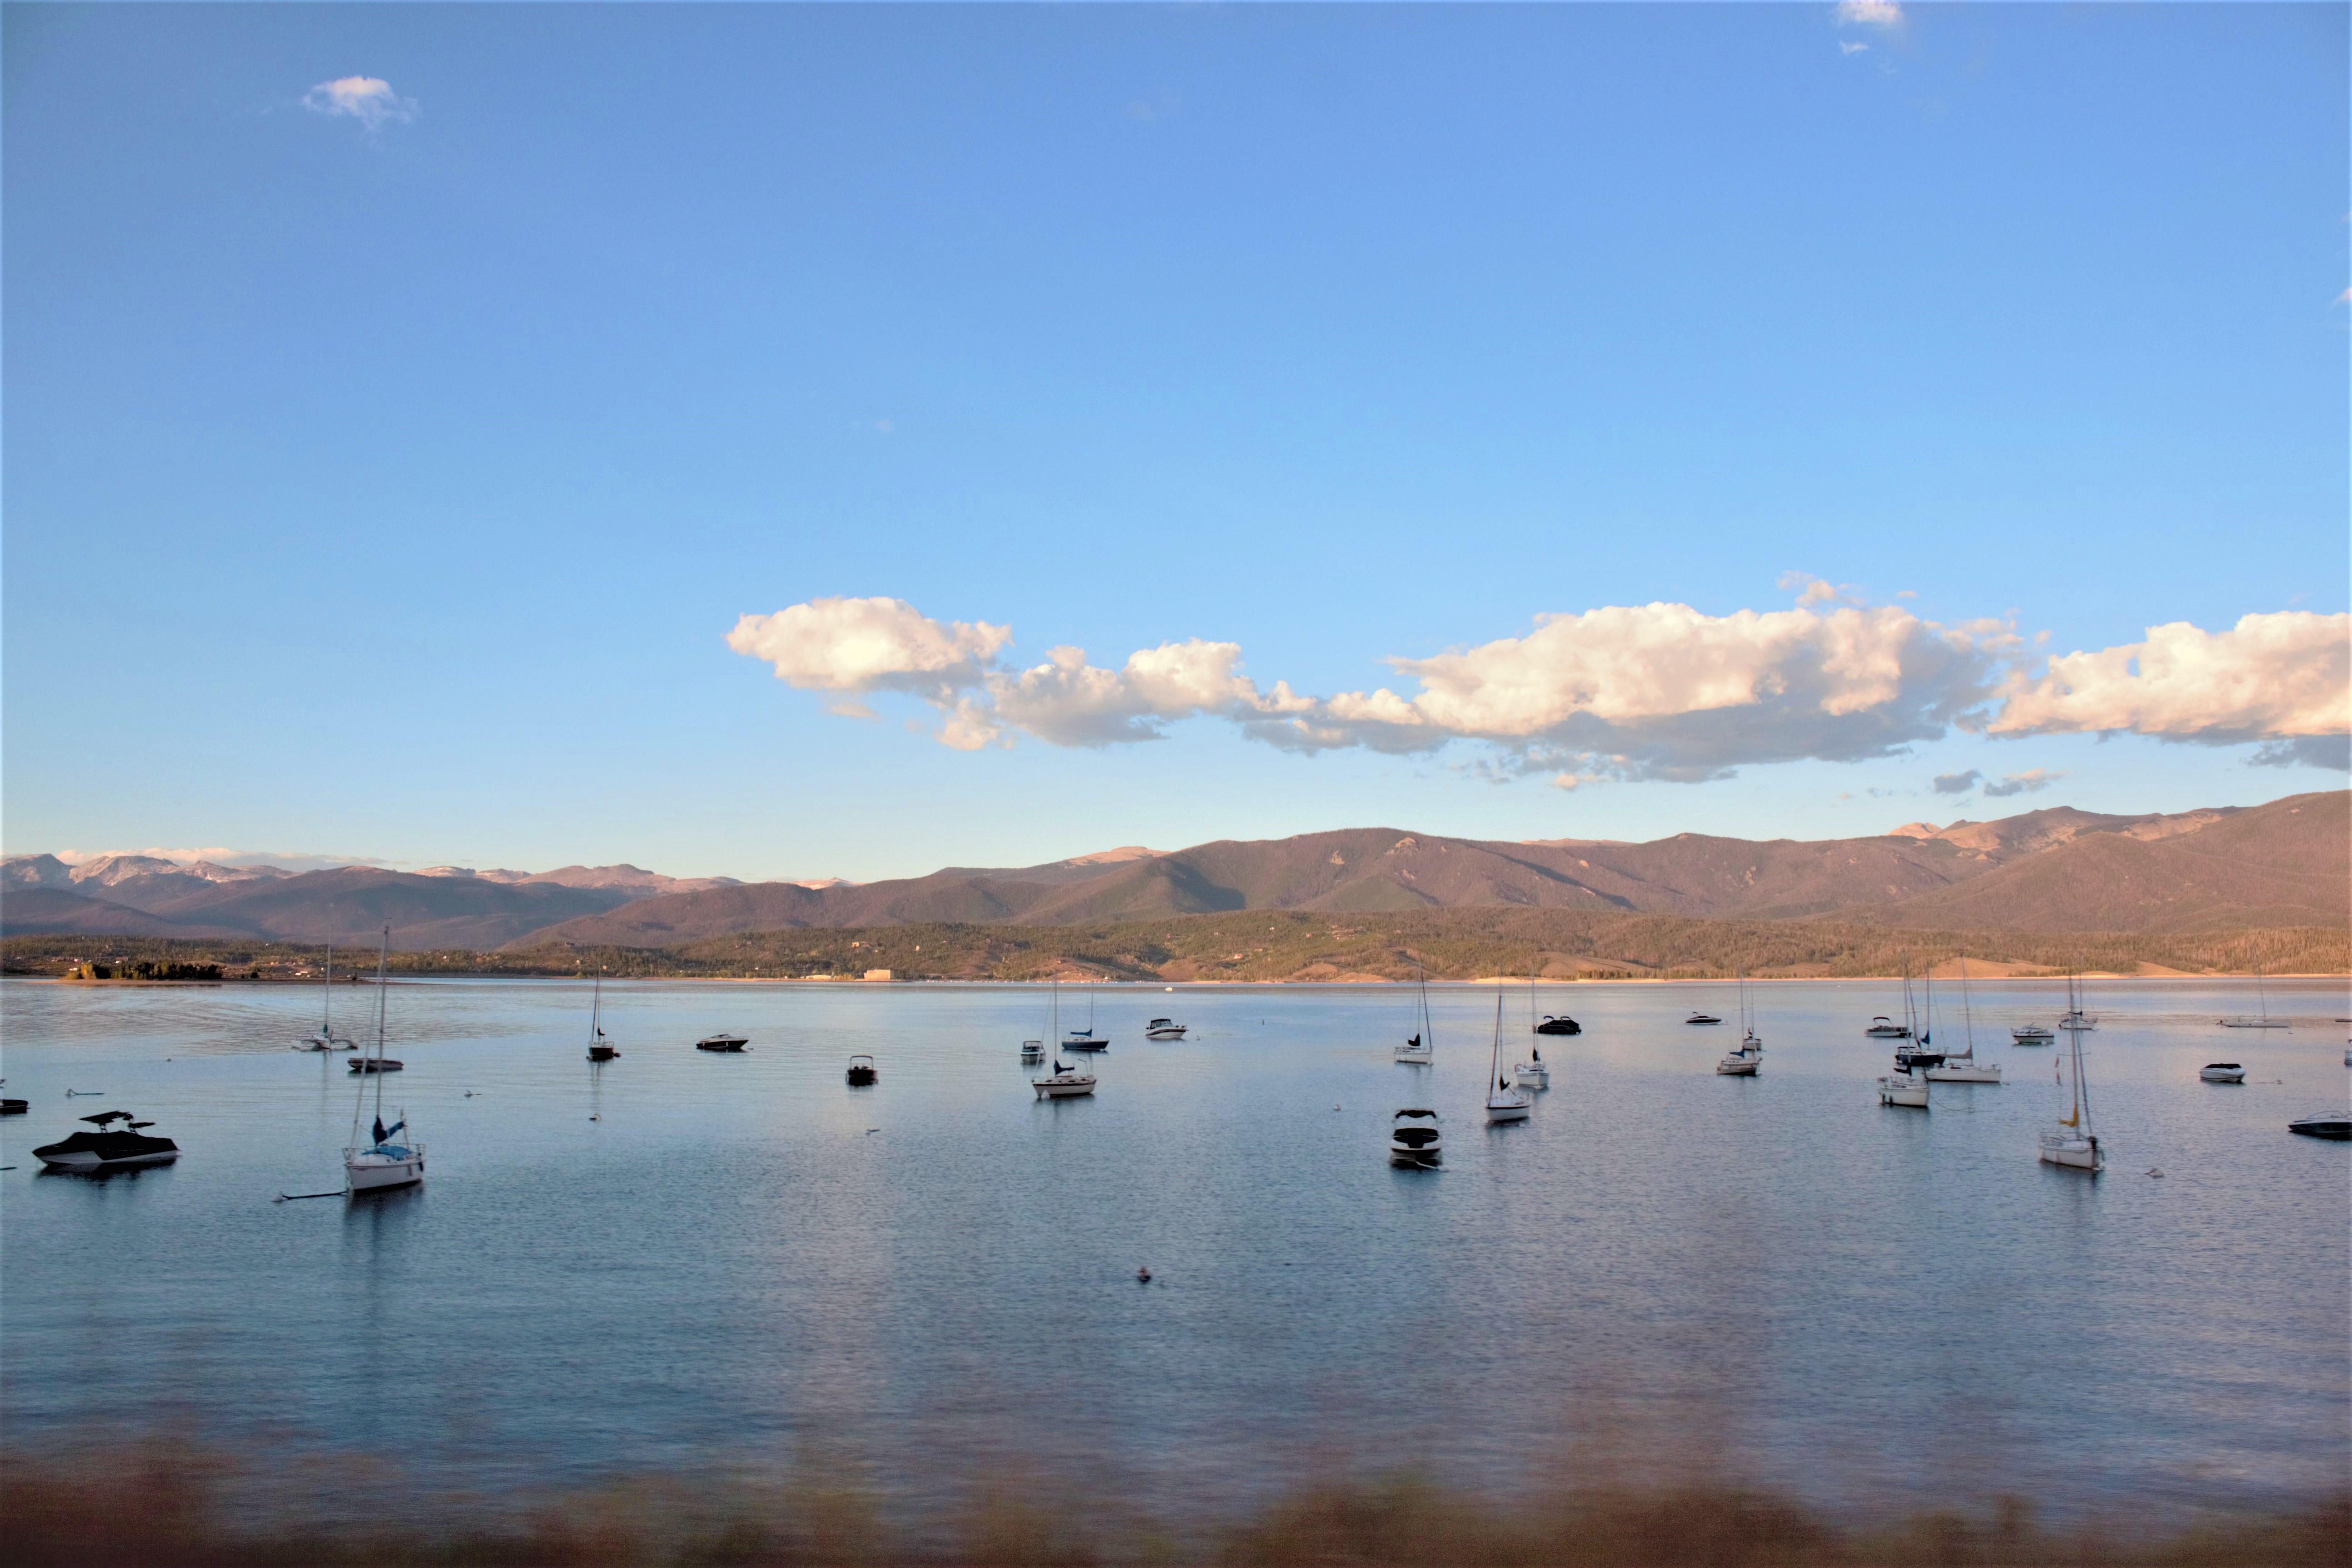 Lake Granby Marina